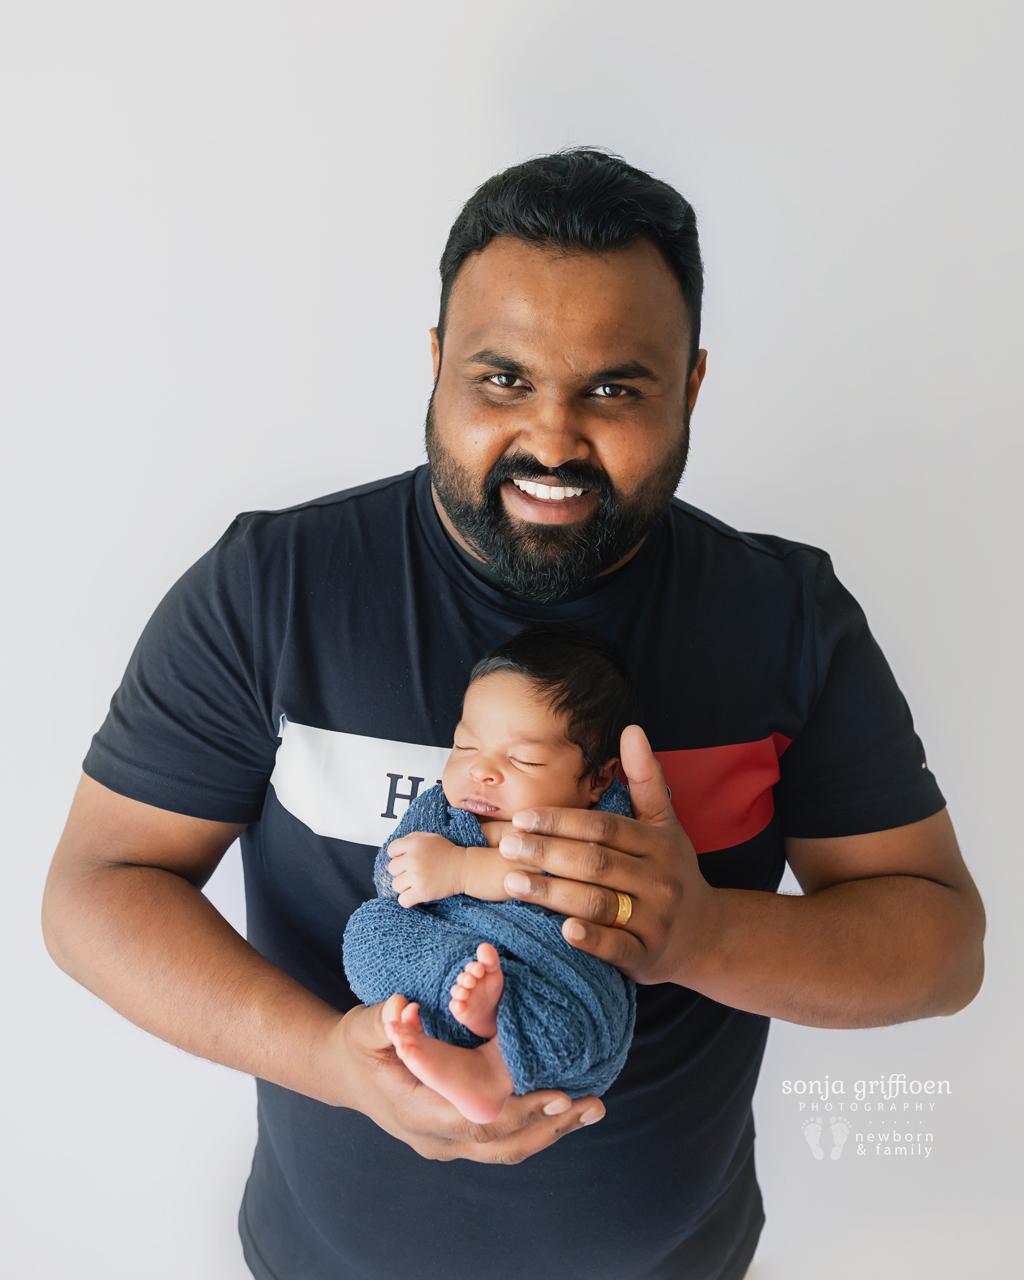 Ezekiel-Newborn-Brisbane-Newborn-Photographer-Sonja-Griffioen-02.jpg